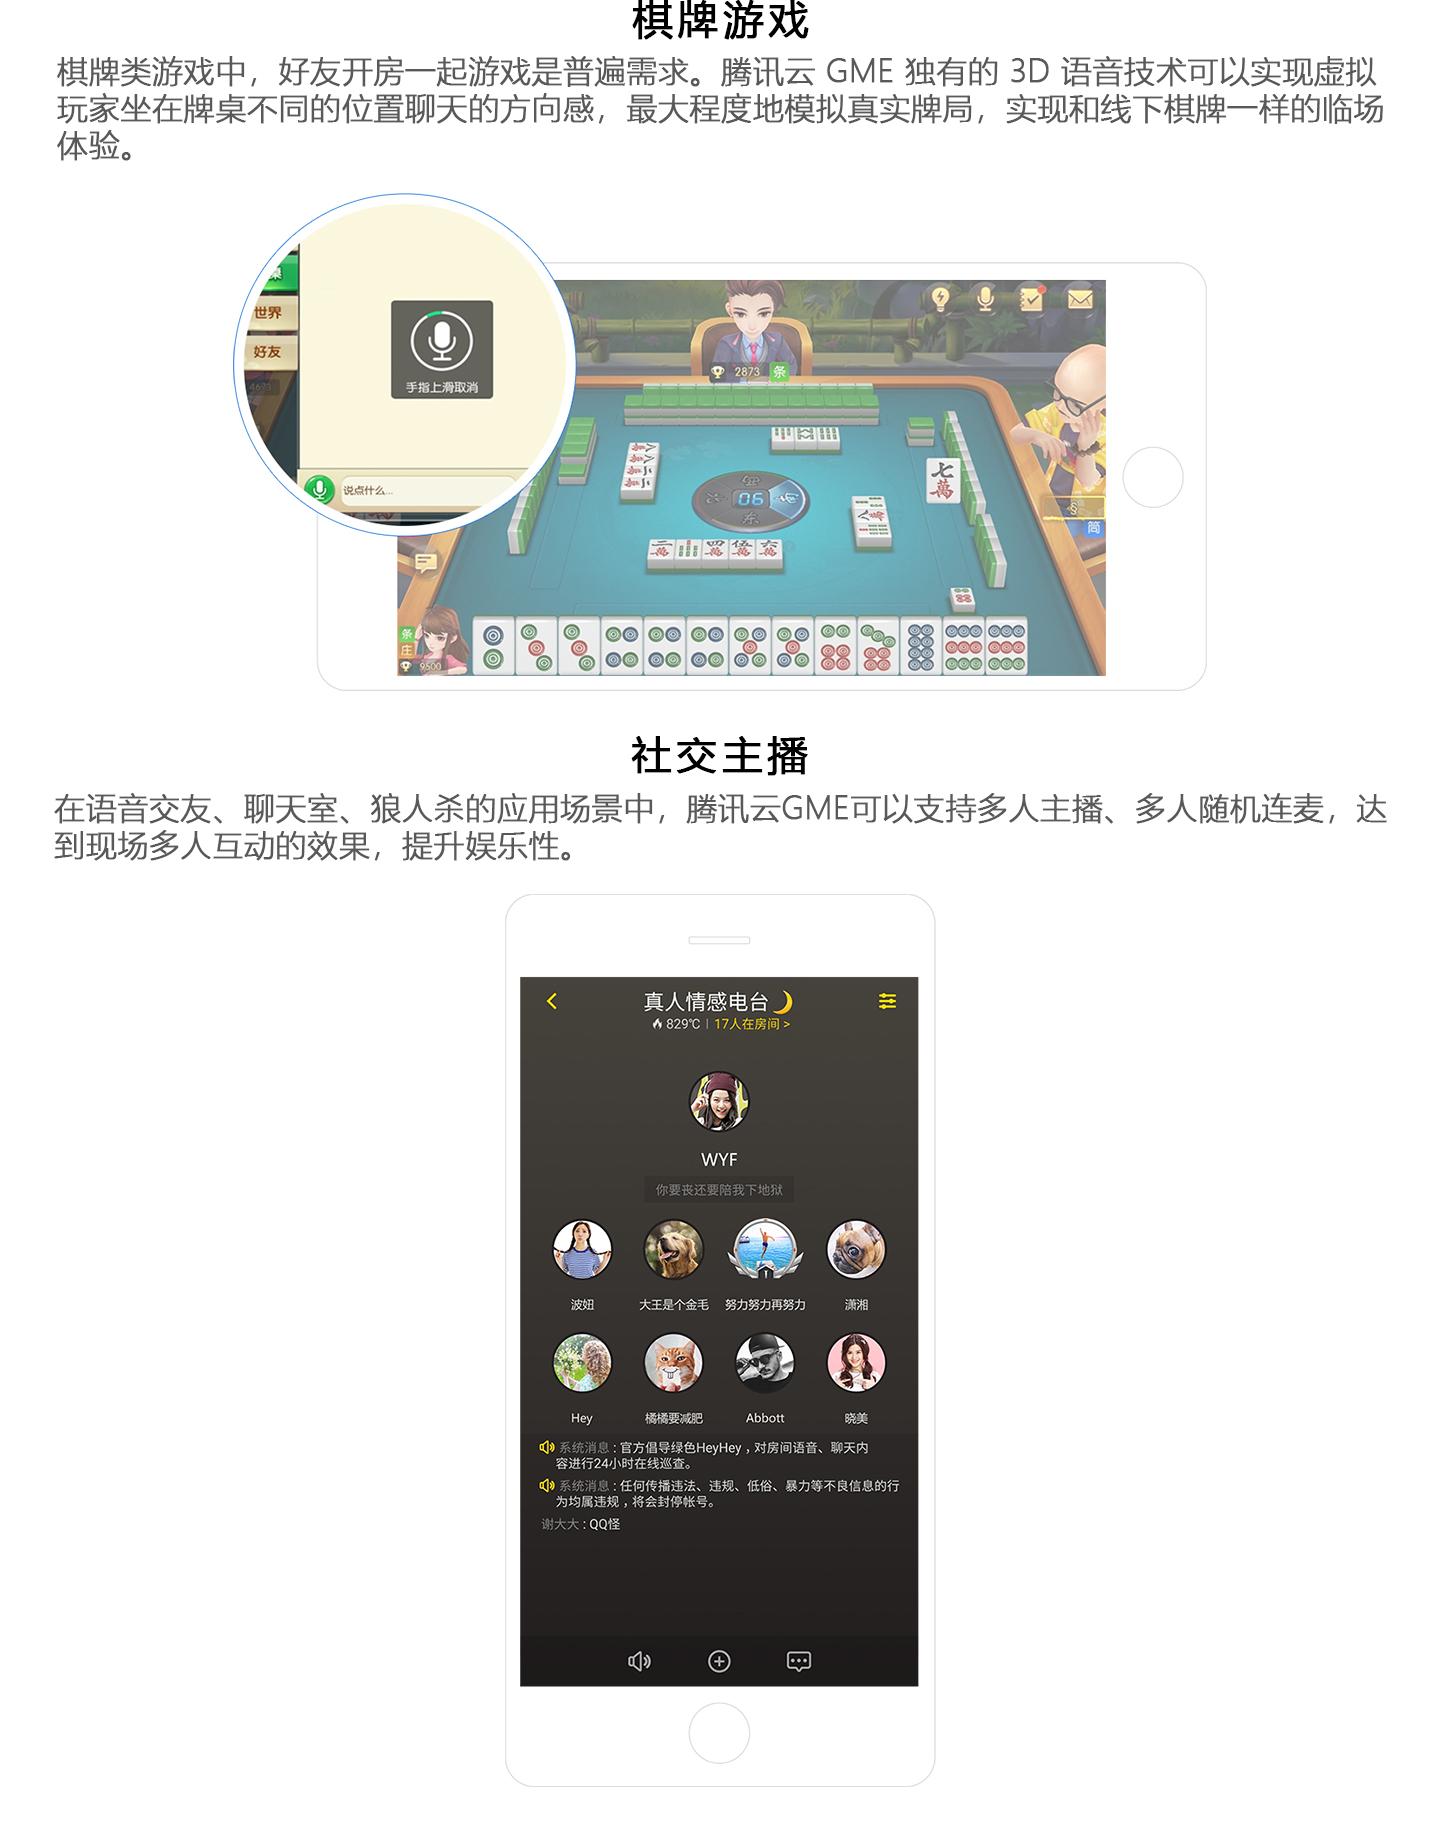 游戏引擎1440_05.jpg